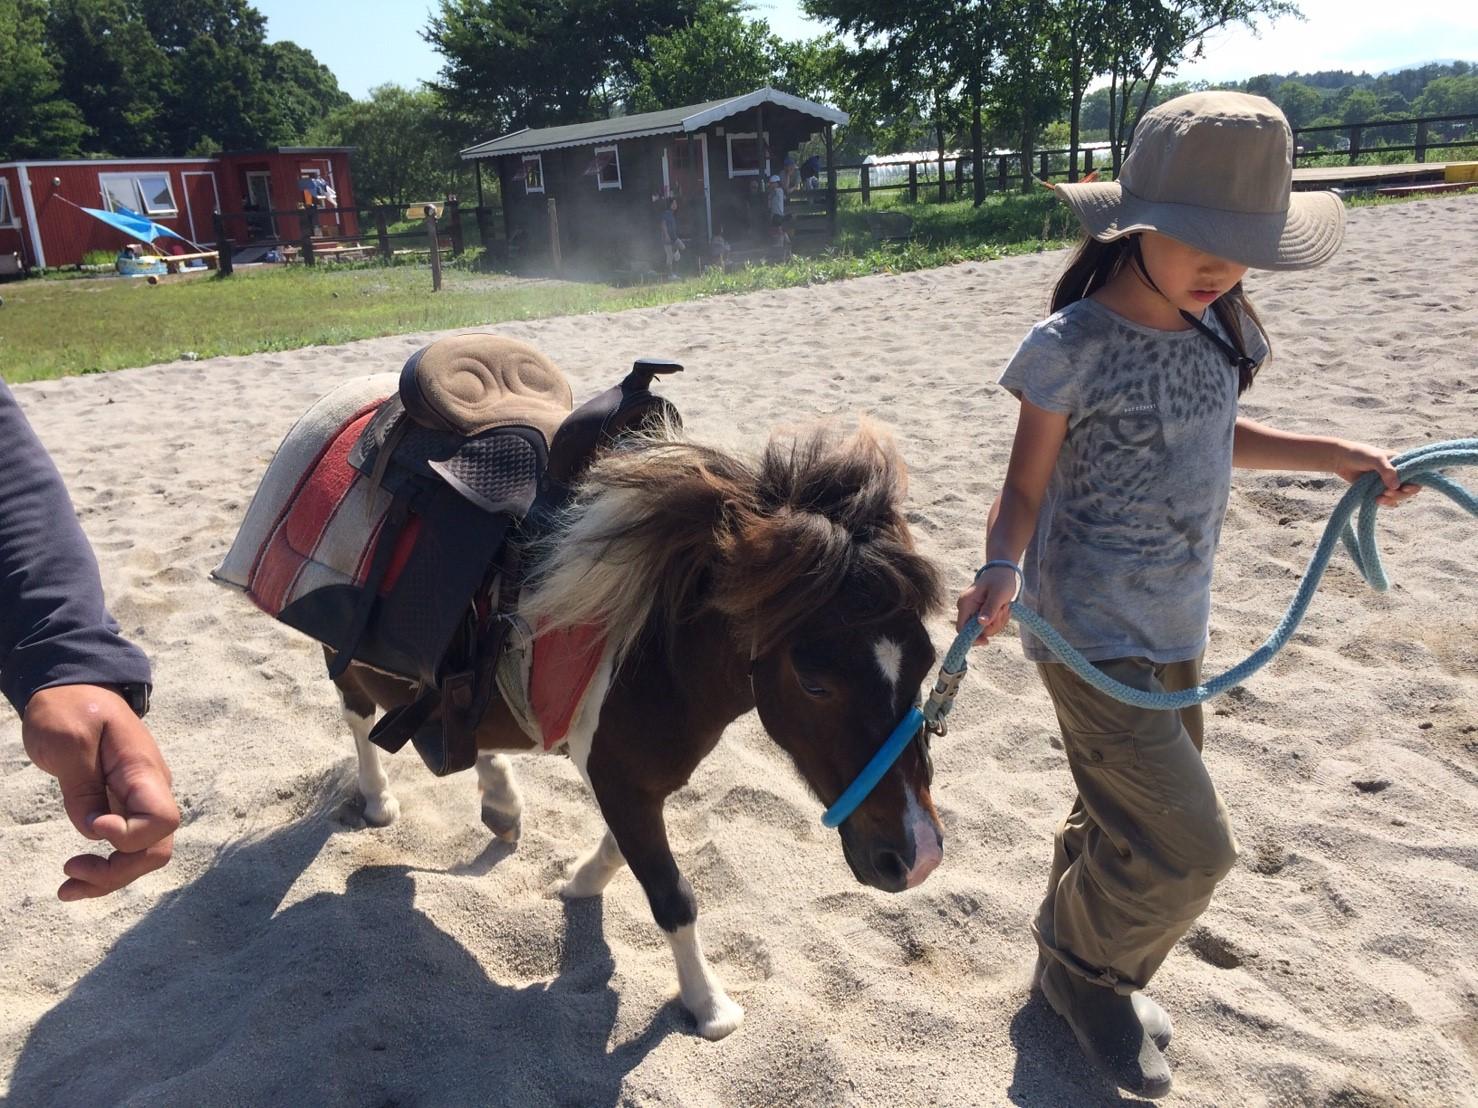 北海道新幹線で行く!動物と暮らす北海道・牧場キャンプ~動物の飼育体験や農業体験など